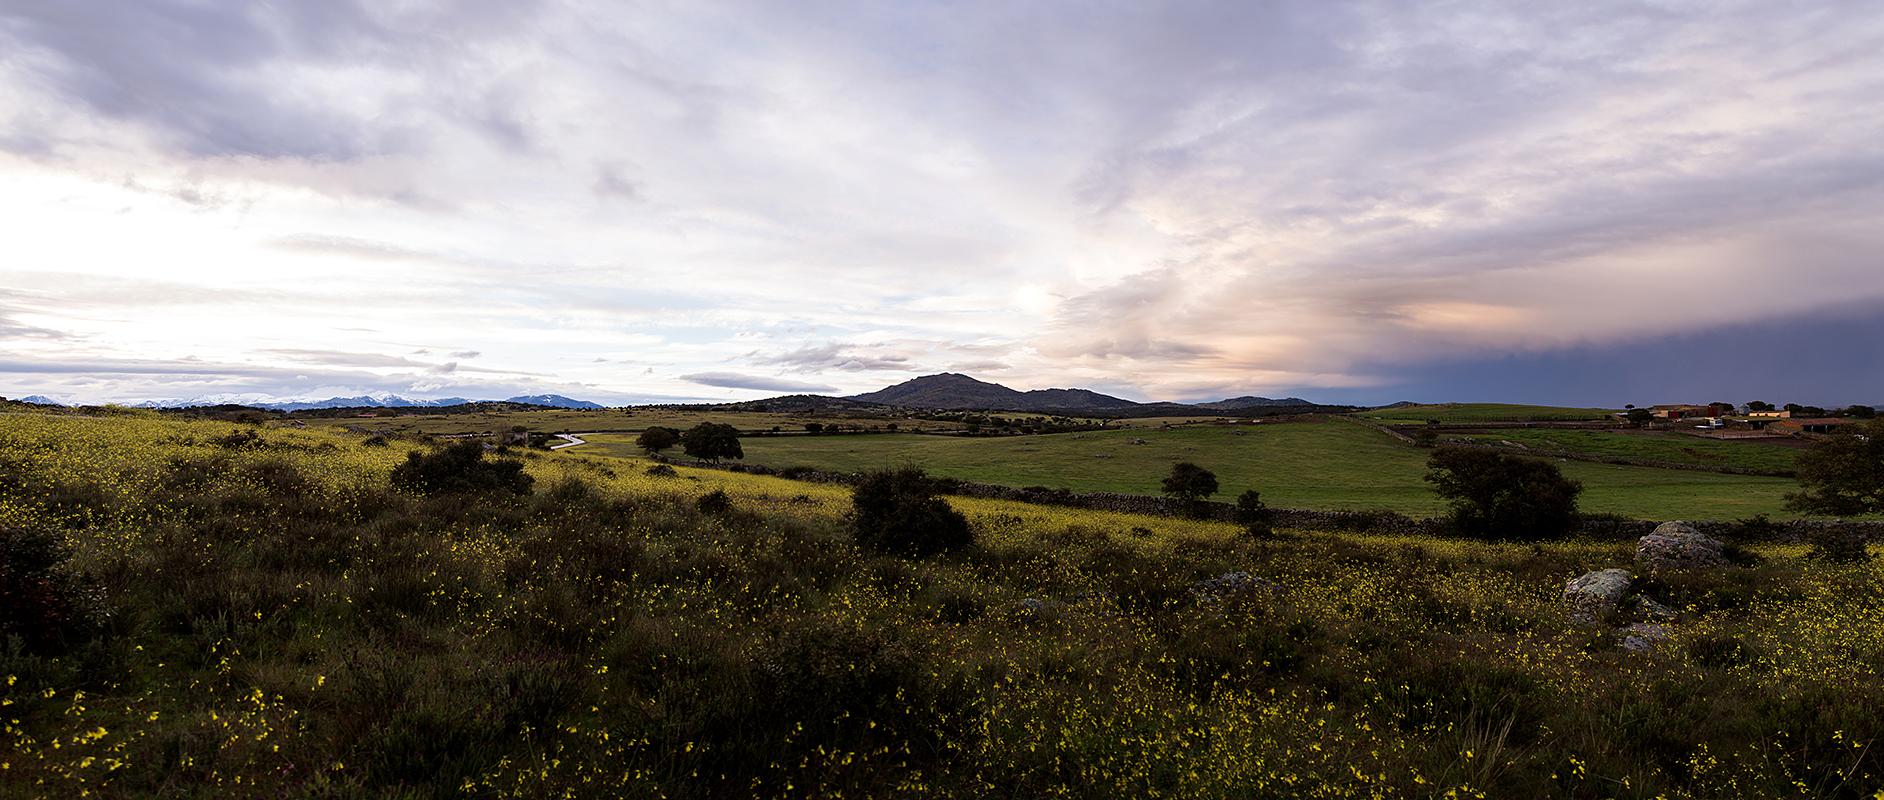 MLM 2016_ Panoramica campo-1 Panorama.jpg